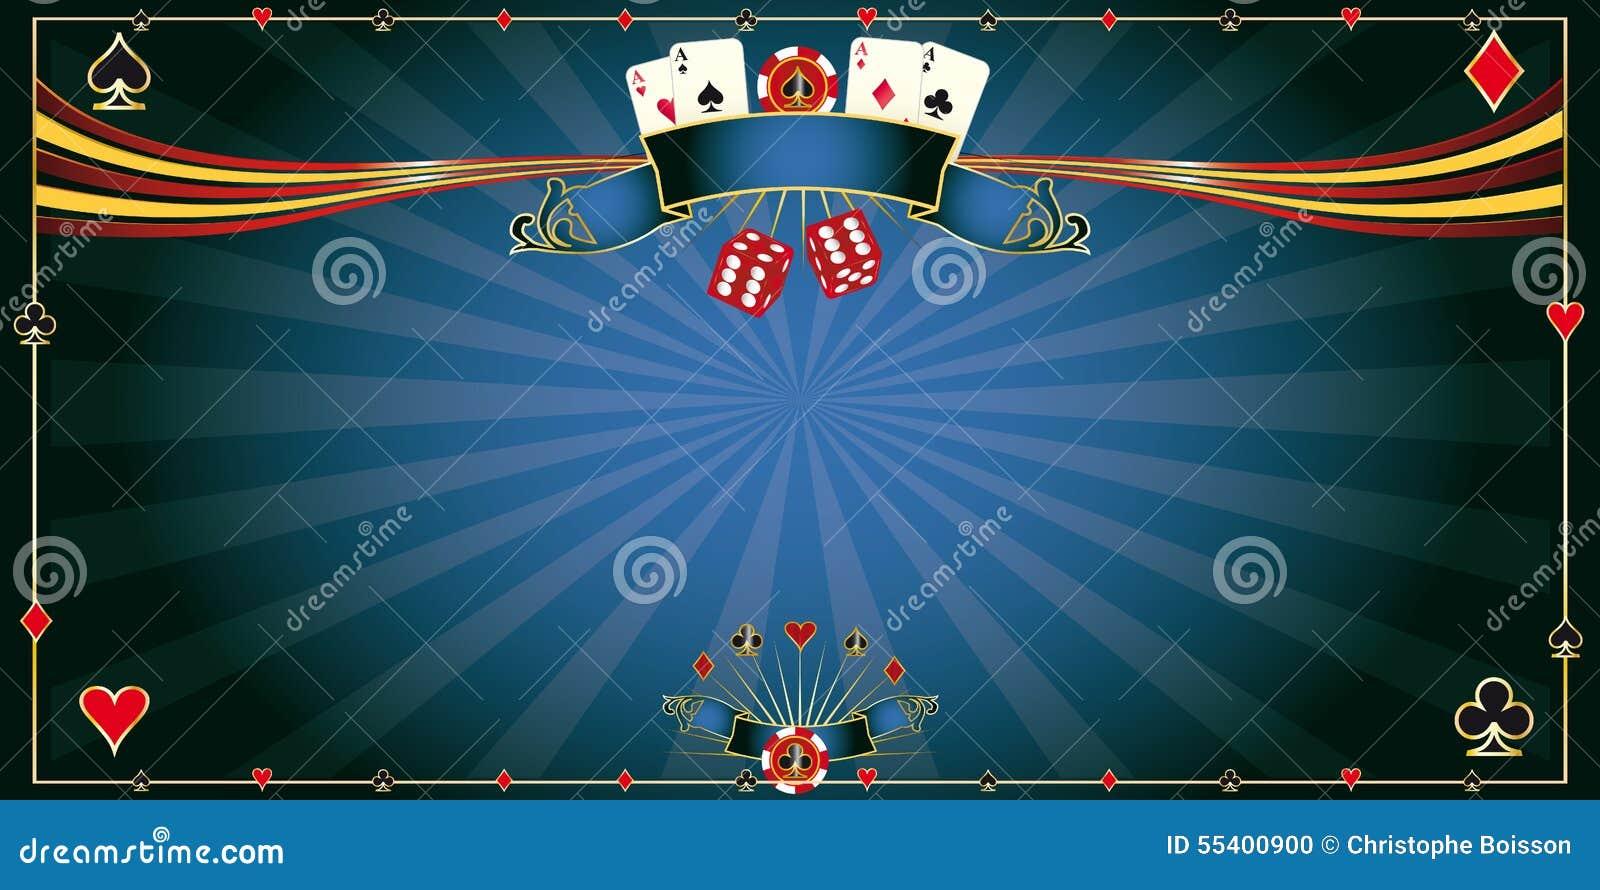 golden online casino blue heart